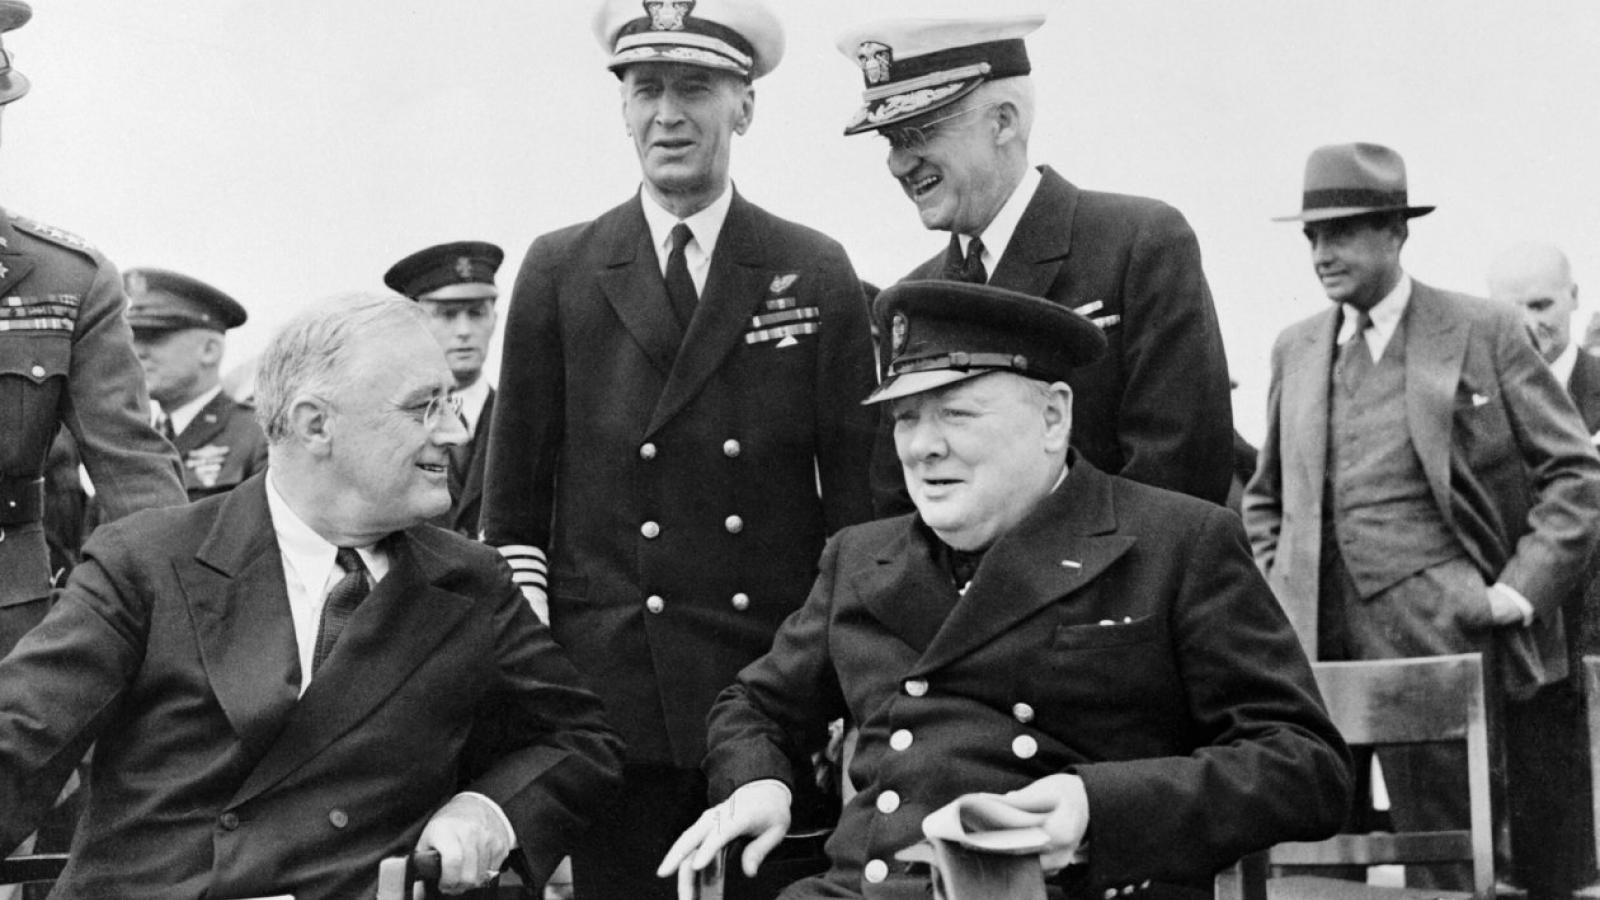 Giải mật: Trước trận Trân Châu Cảng, Mỹ từng nhăm nhe tấn công Nhật Bản